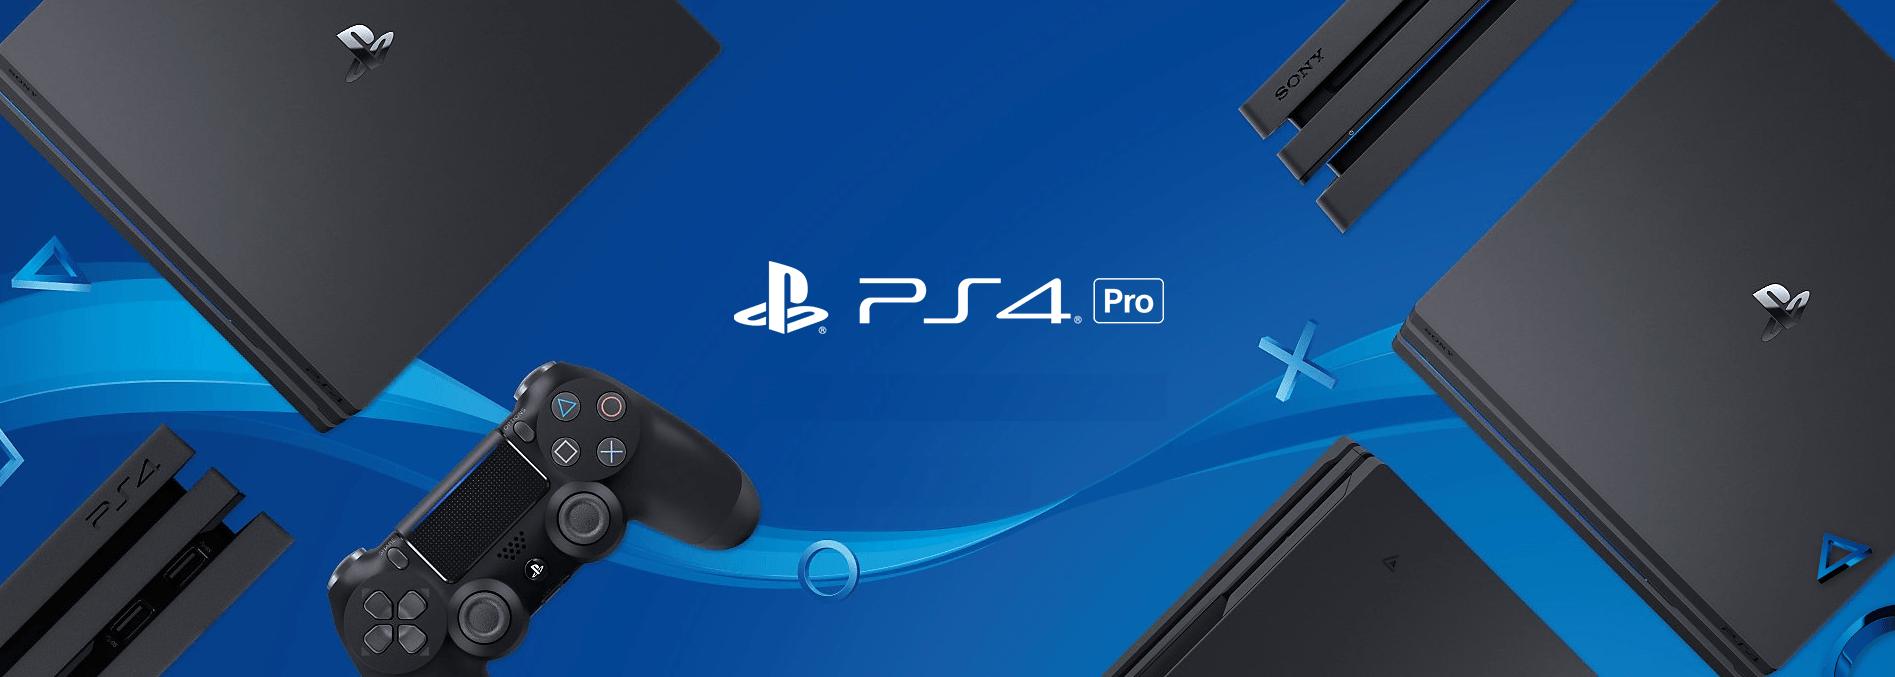 Sony Playstation Ps4 1tb Pro Fortnite Buy Online Ubuy Kuwait